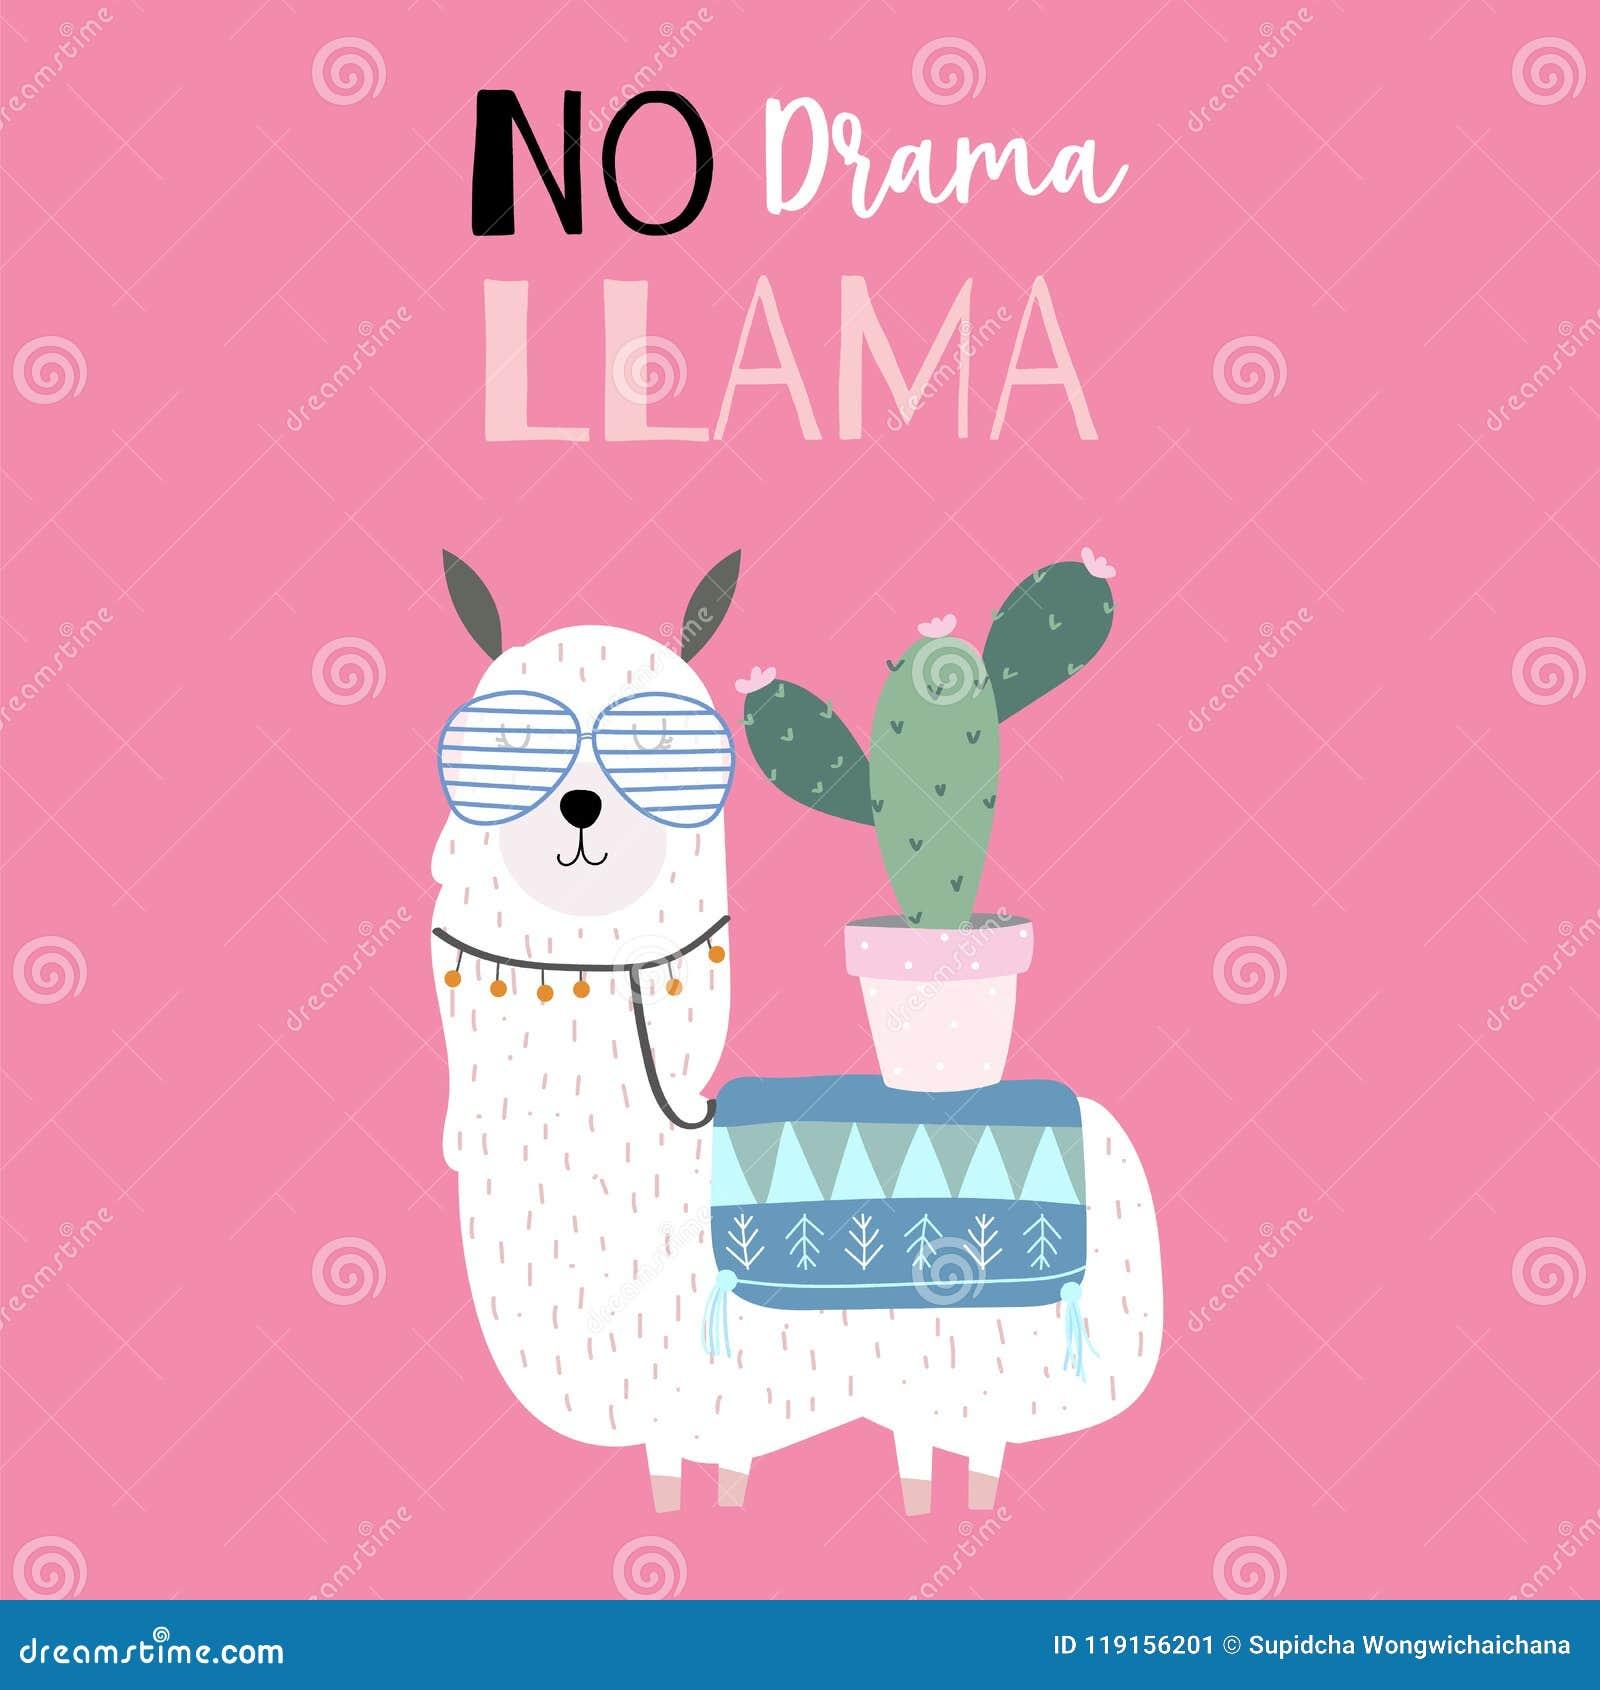 17cb63140 Hand Drawn Cute Card With Llama,cactus.No Drama Stock Vector ...